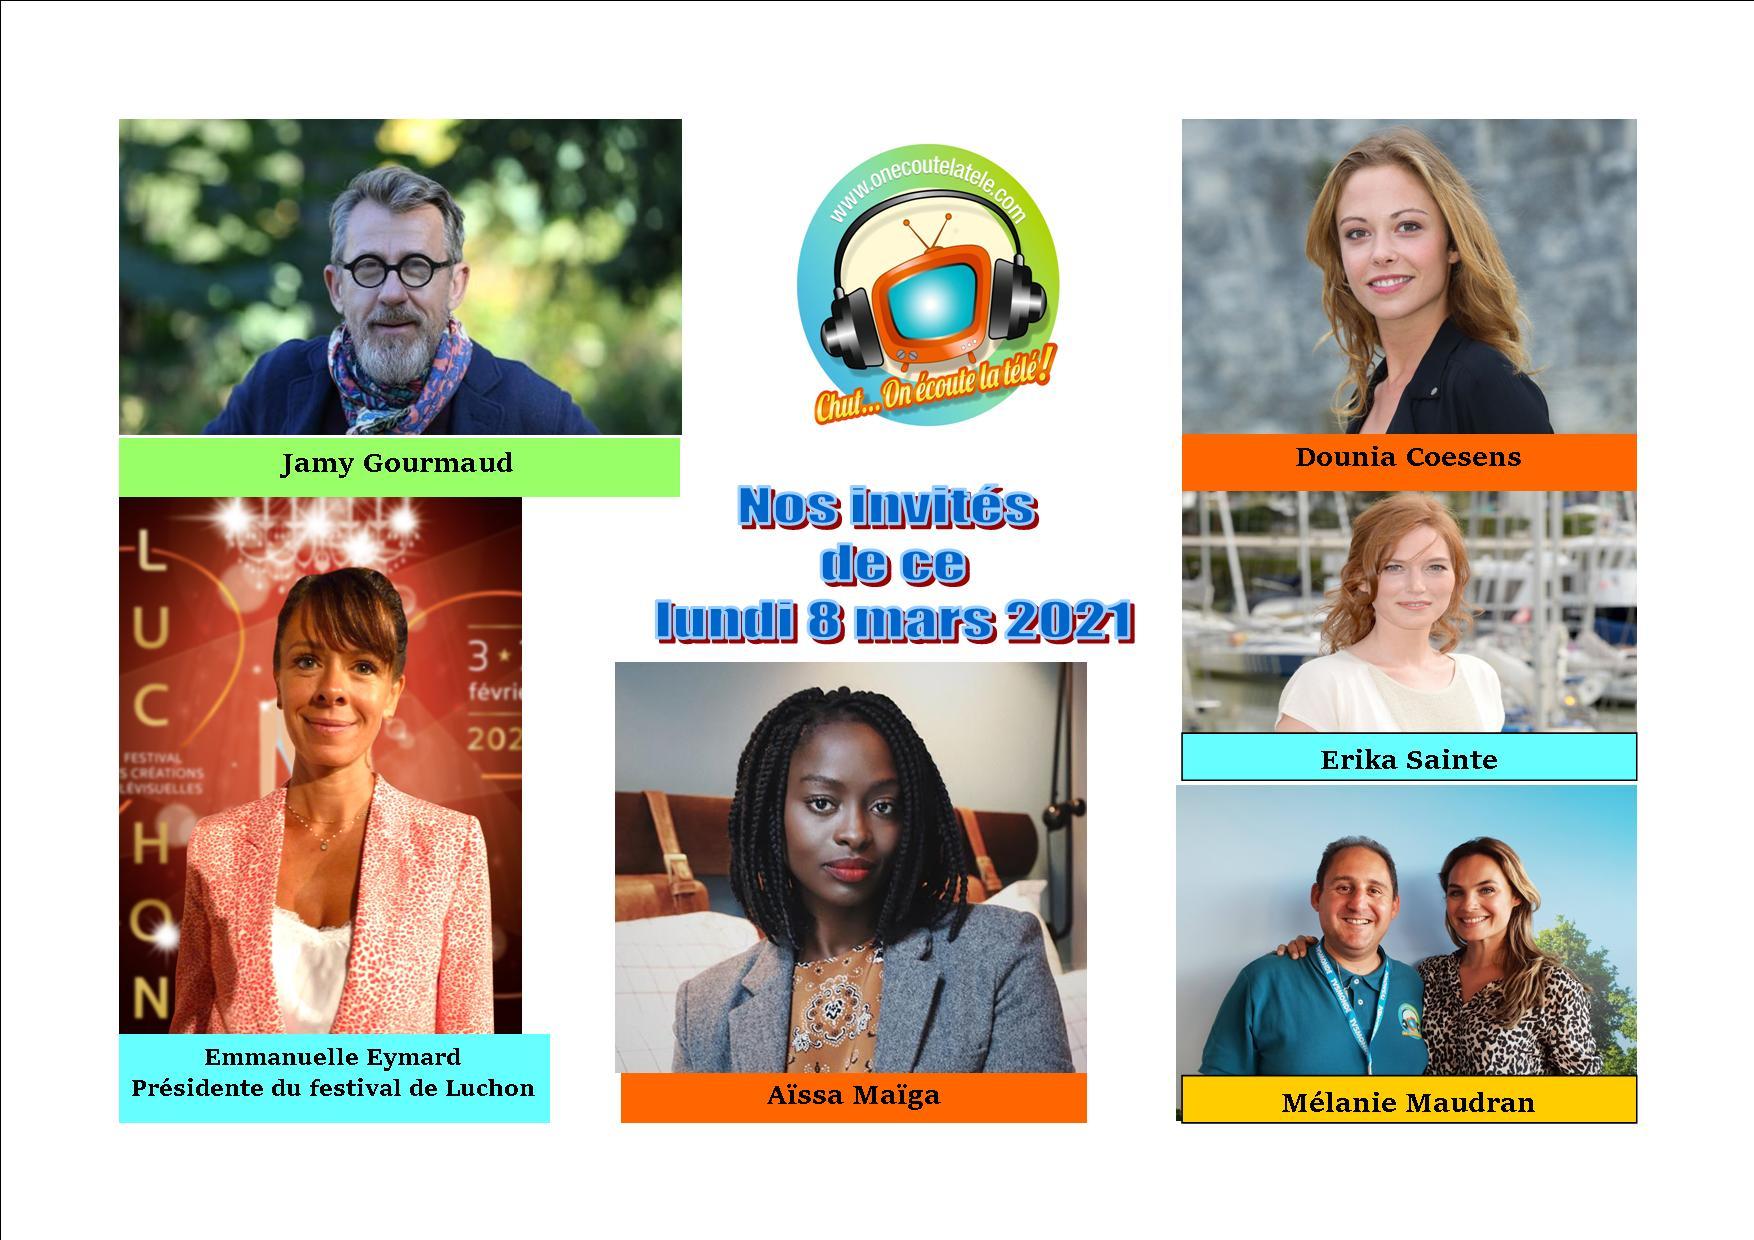 Voici nos podcasts Chut on écoute la télé de ce lundi 8 mars avec Dounia Coesens, Jamy Gourmaud, Mélanie Maudran, Erika Sainte, Emmanuelle Eymard et Aïssa Maïga